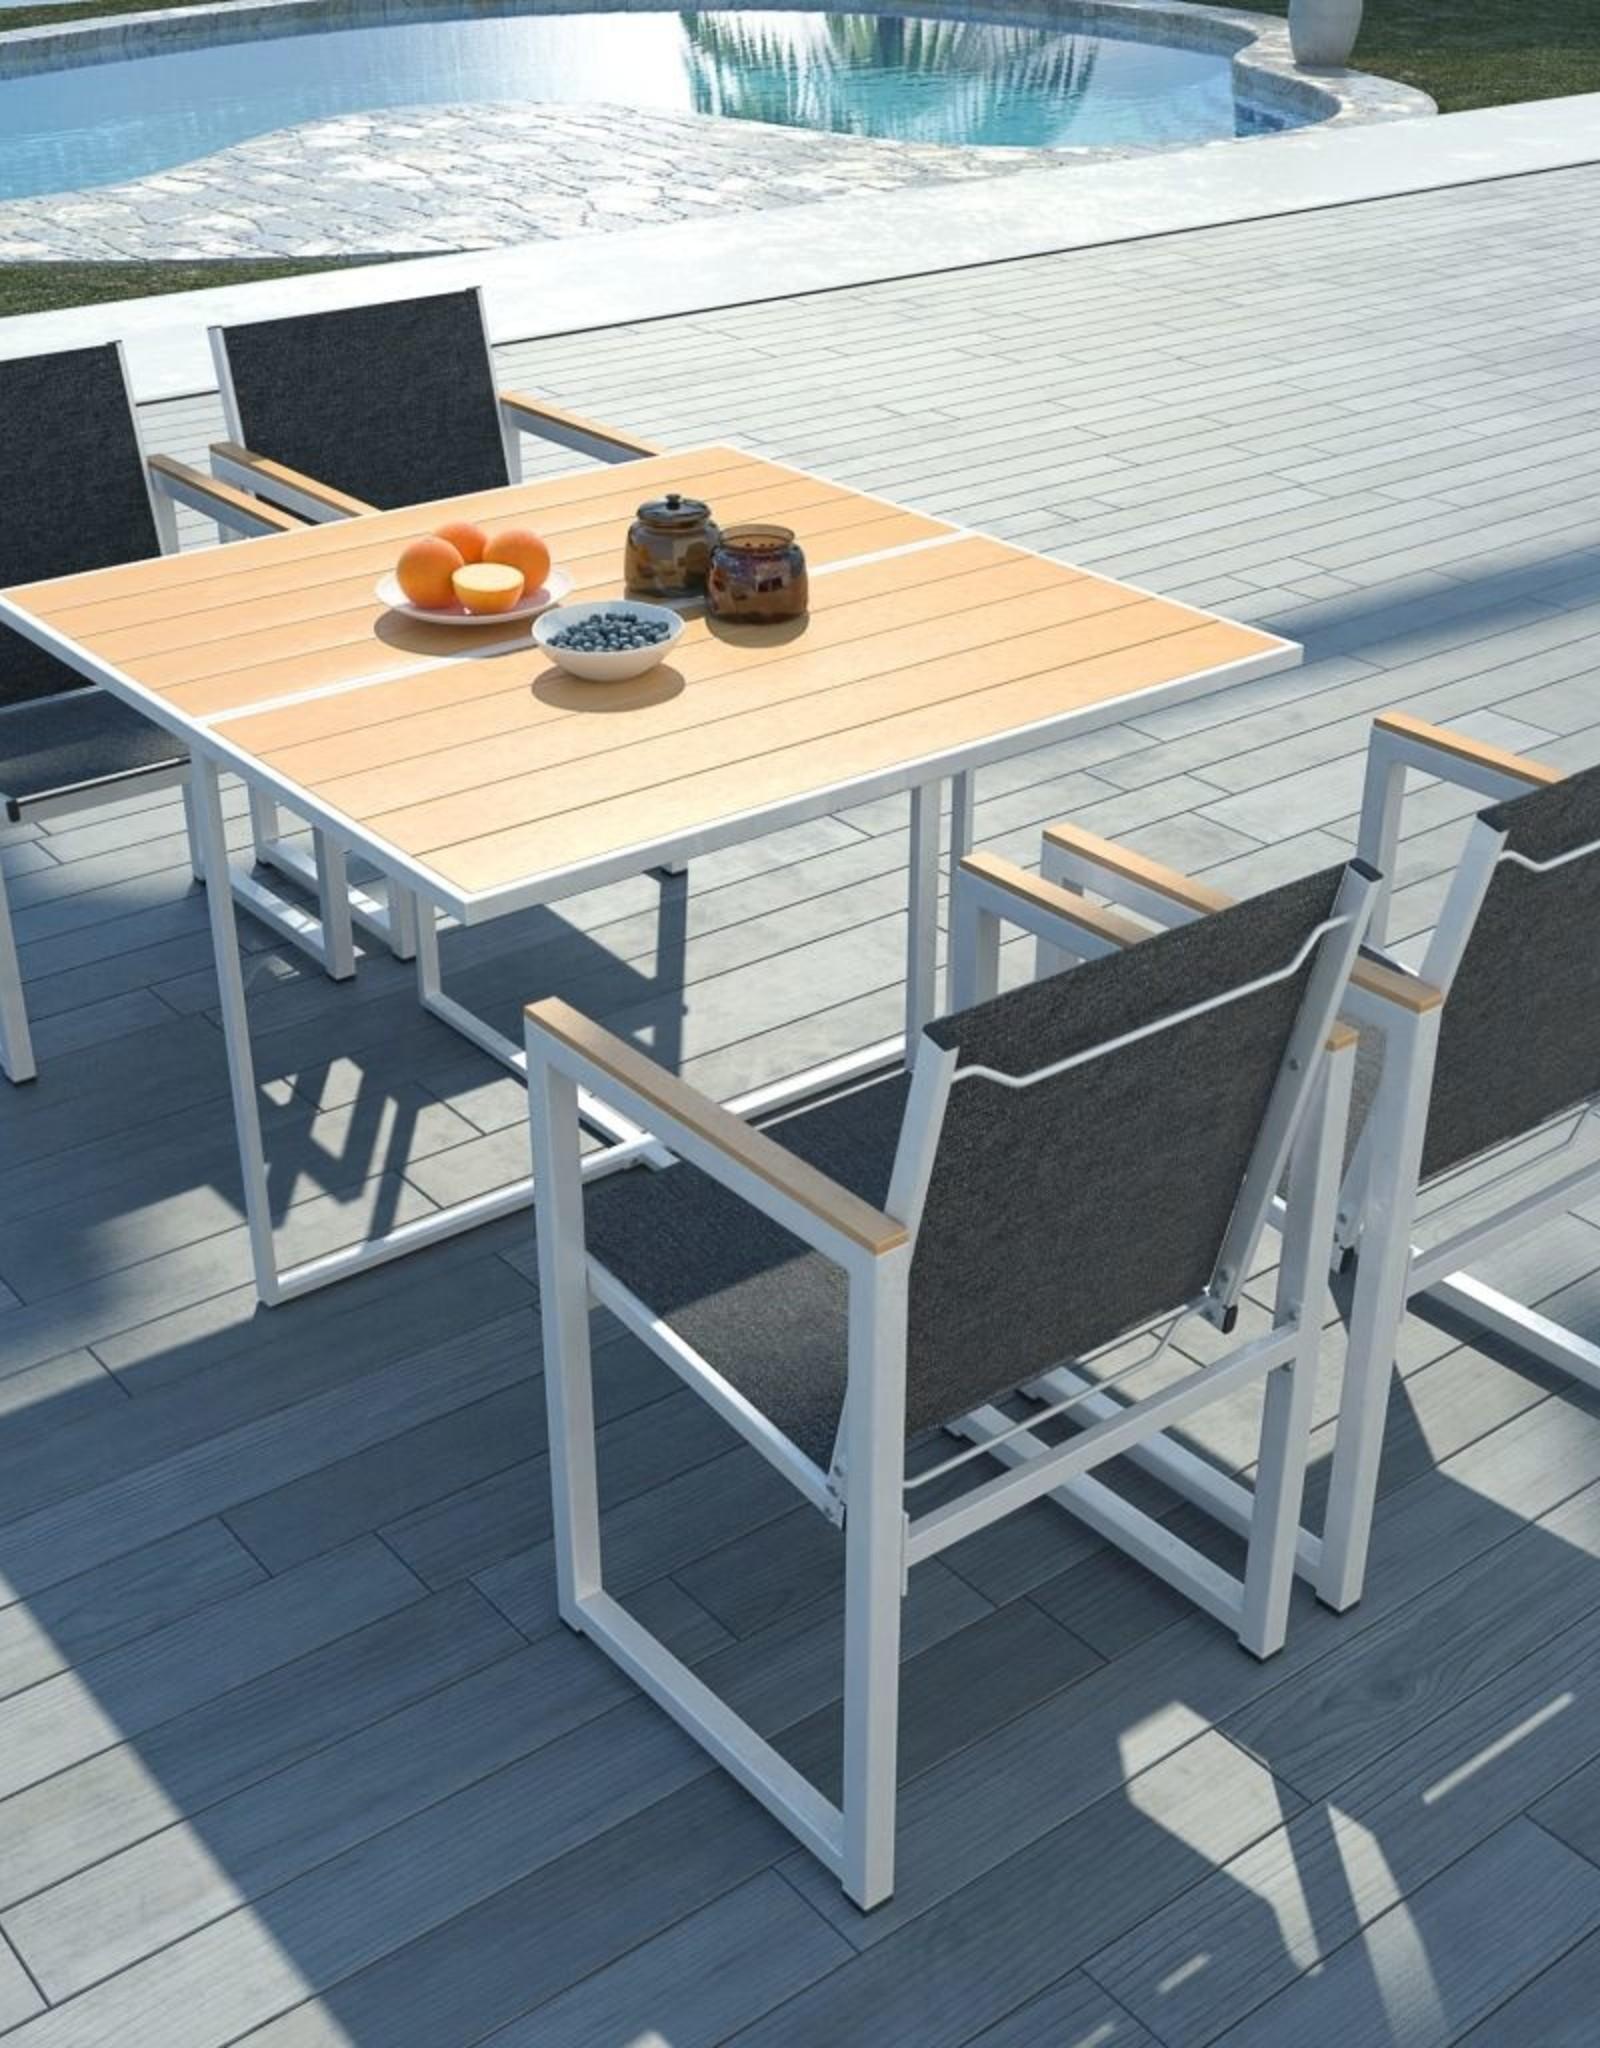 vidaXL 5-delige Tuinset met HKC tafelblad aluminium